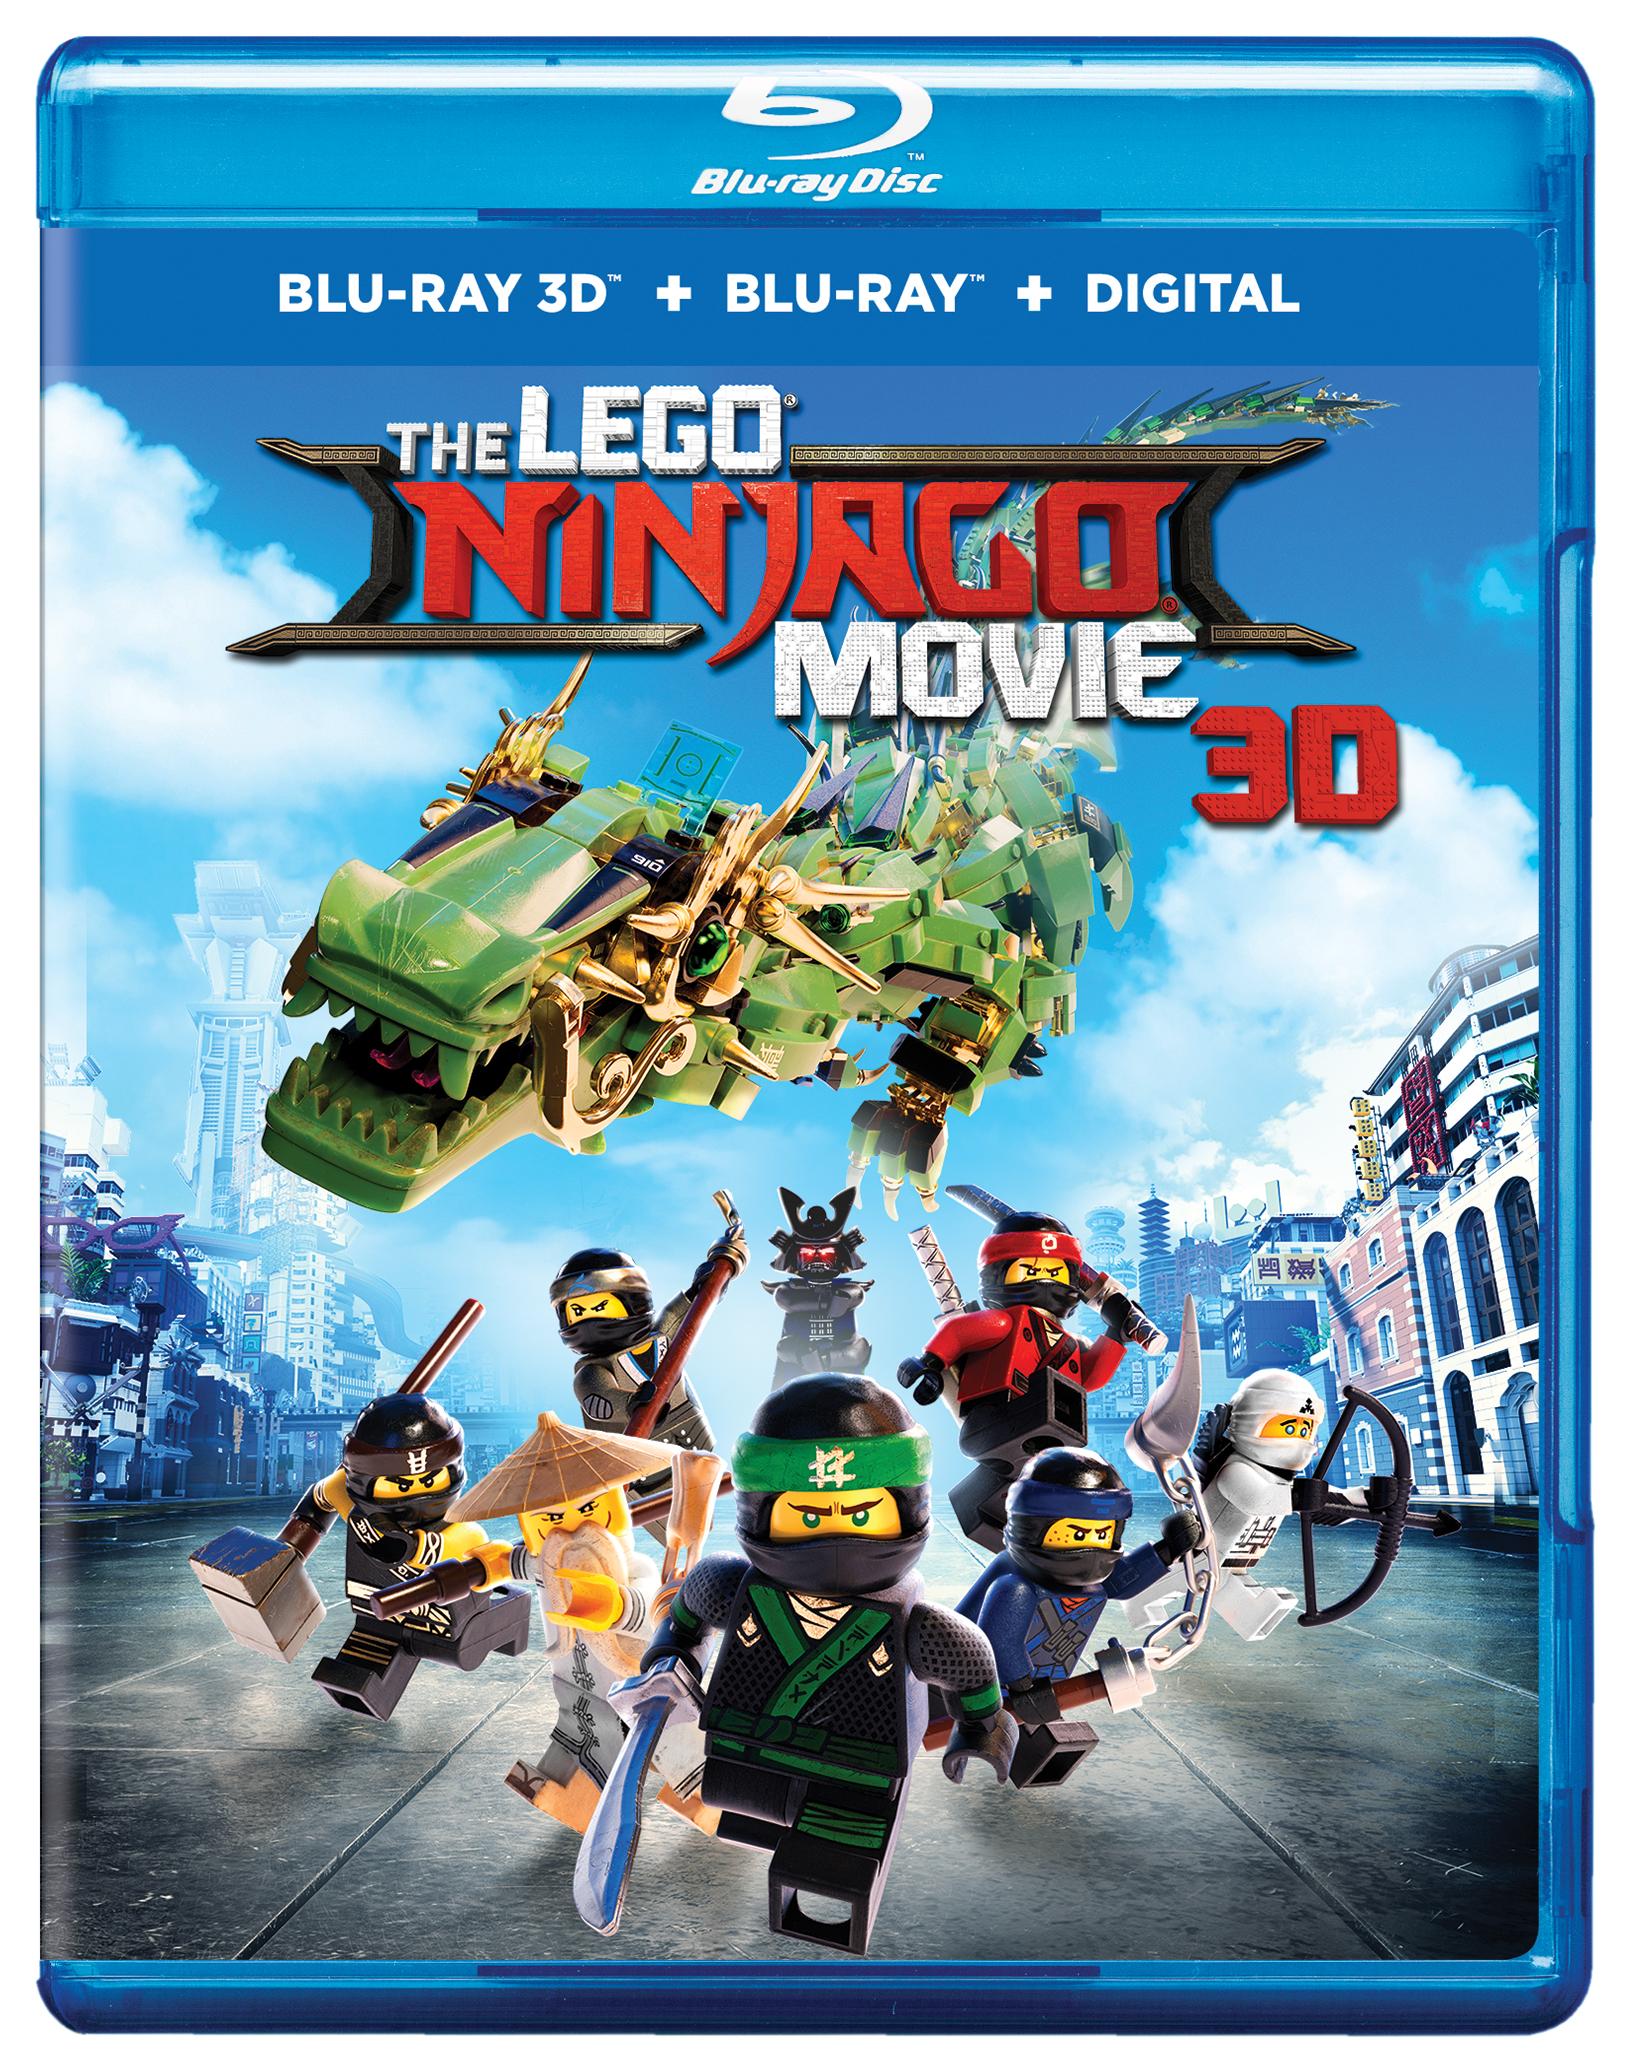 The LEGO® NINJAGO® Movie Blu-ray